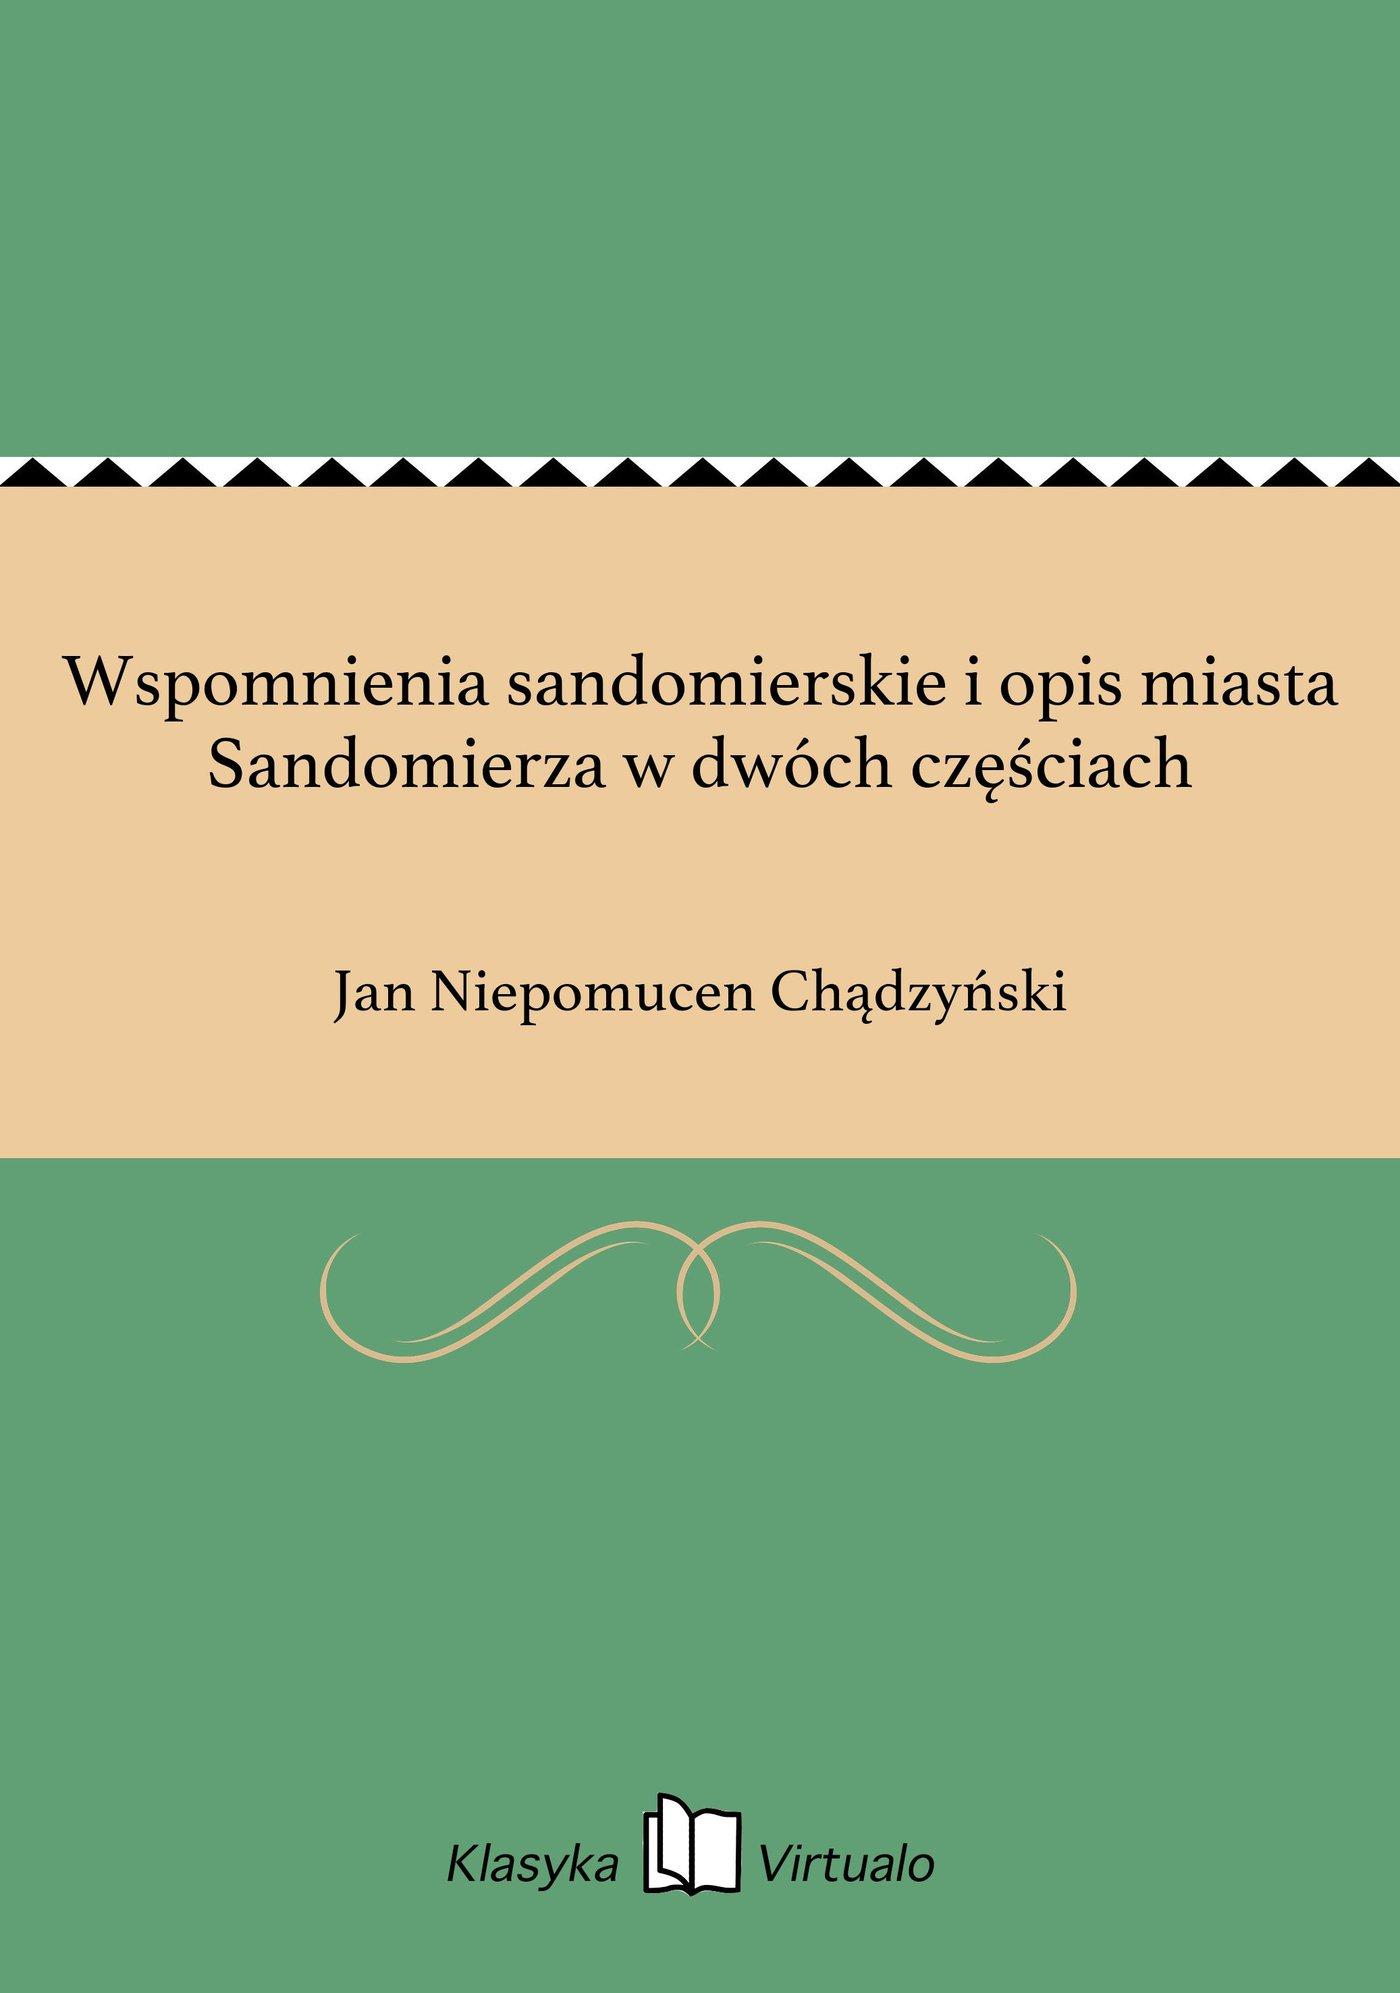 Wspomnienia sandomierskie i opis miasta Sandomierza w dwóch częściach - Ebook (Książka EPUB) do pobrania w formacie EPUB